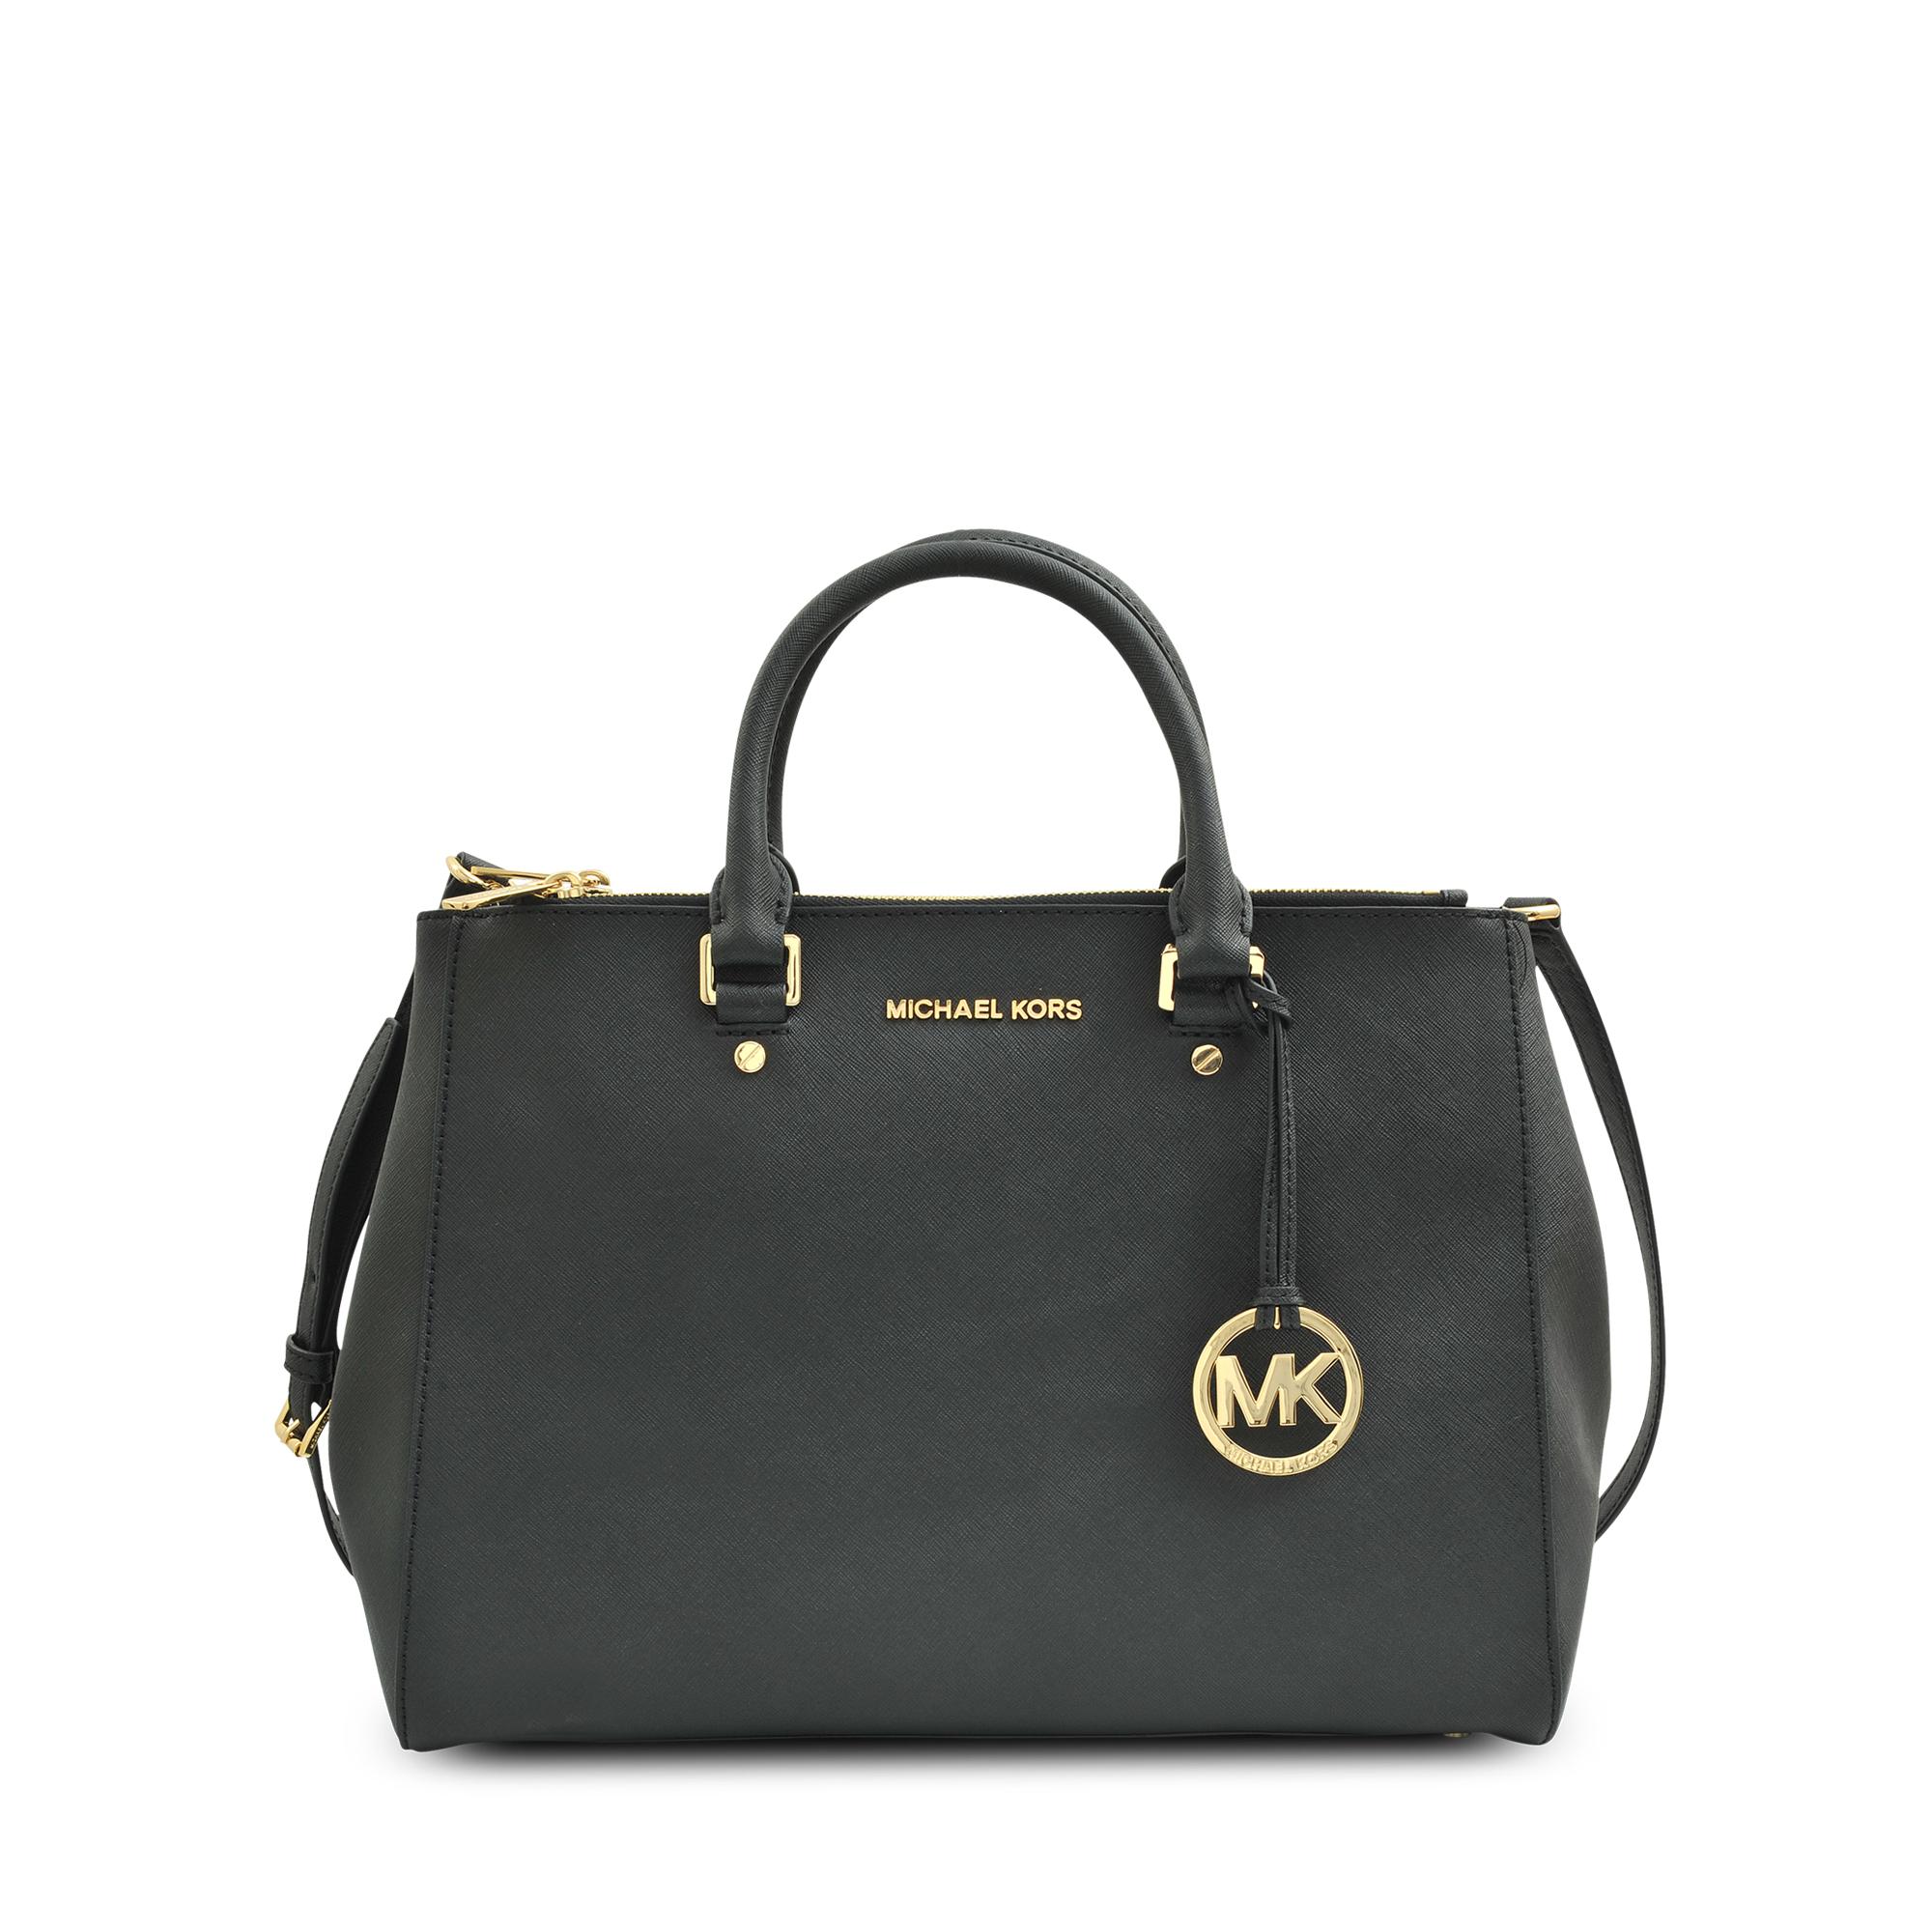 michael kors zip tote jet set travel bag in black